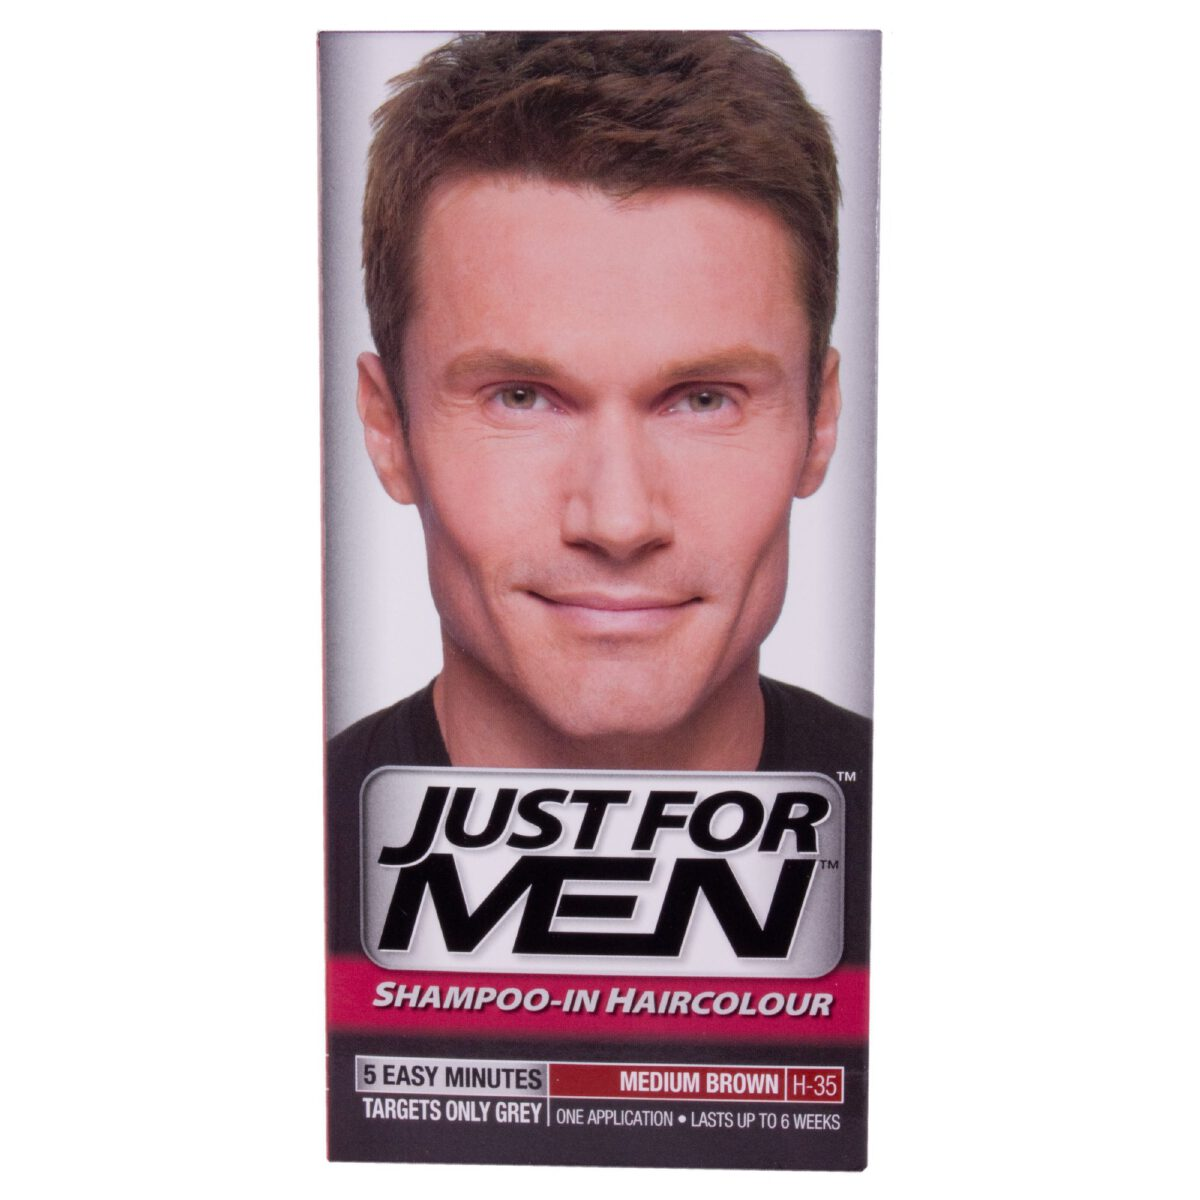 Just For Men Shampoo In Hair Colour - Medium Brown H35-0